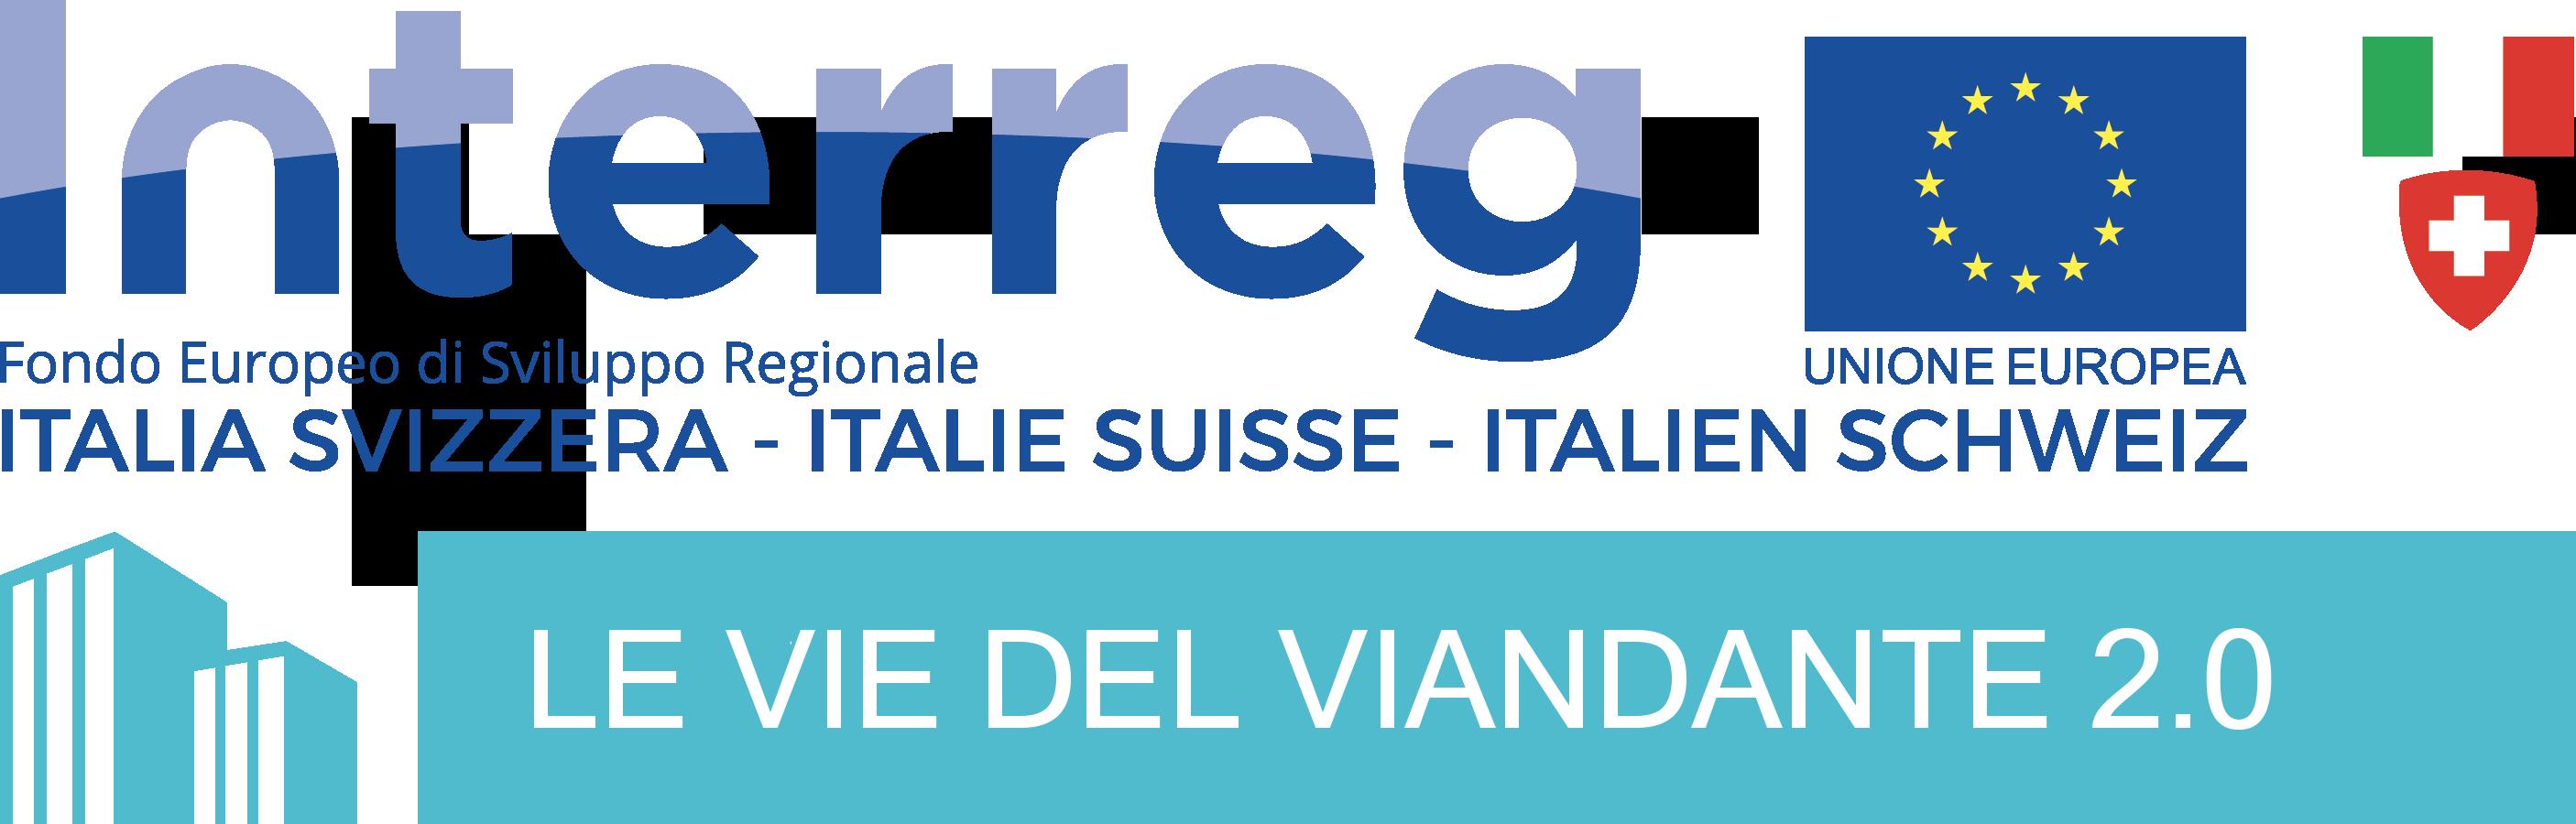 Progetto Interreg LE VIE DEL VIANDANTE 2.0